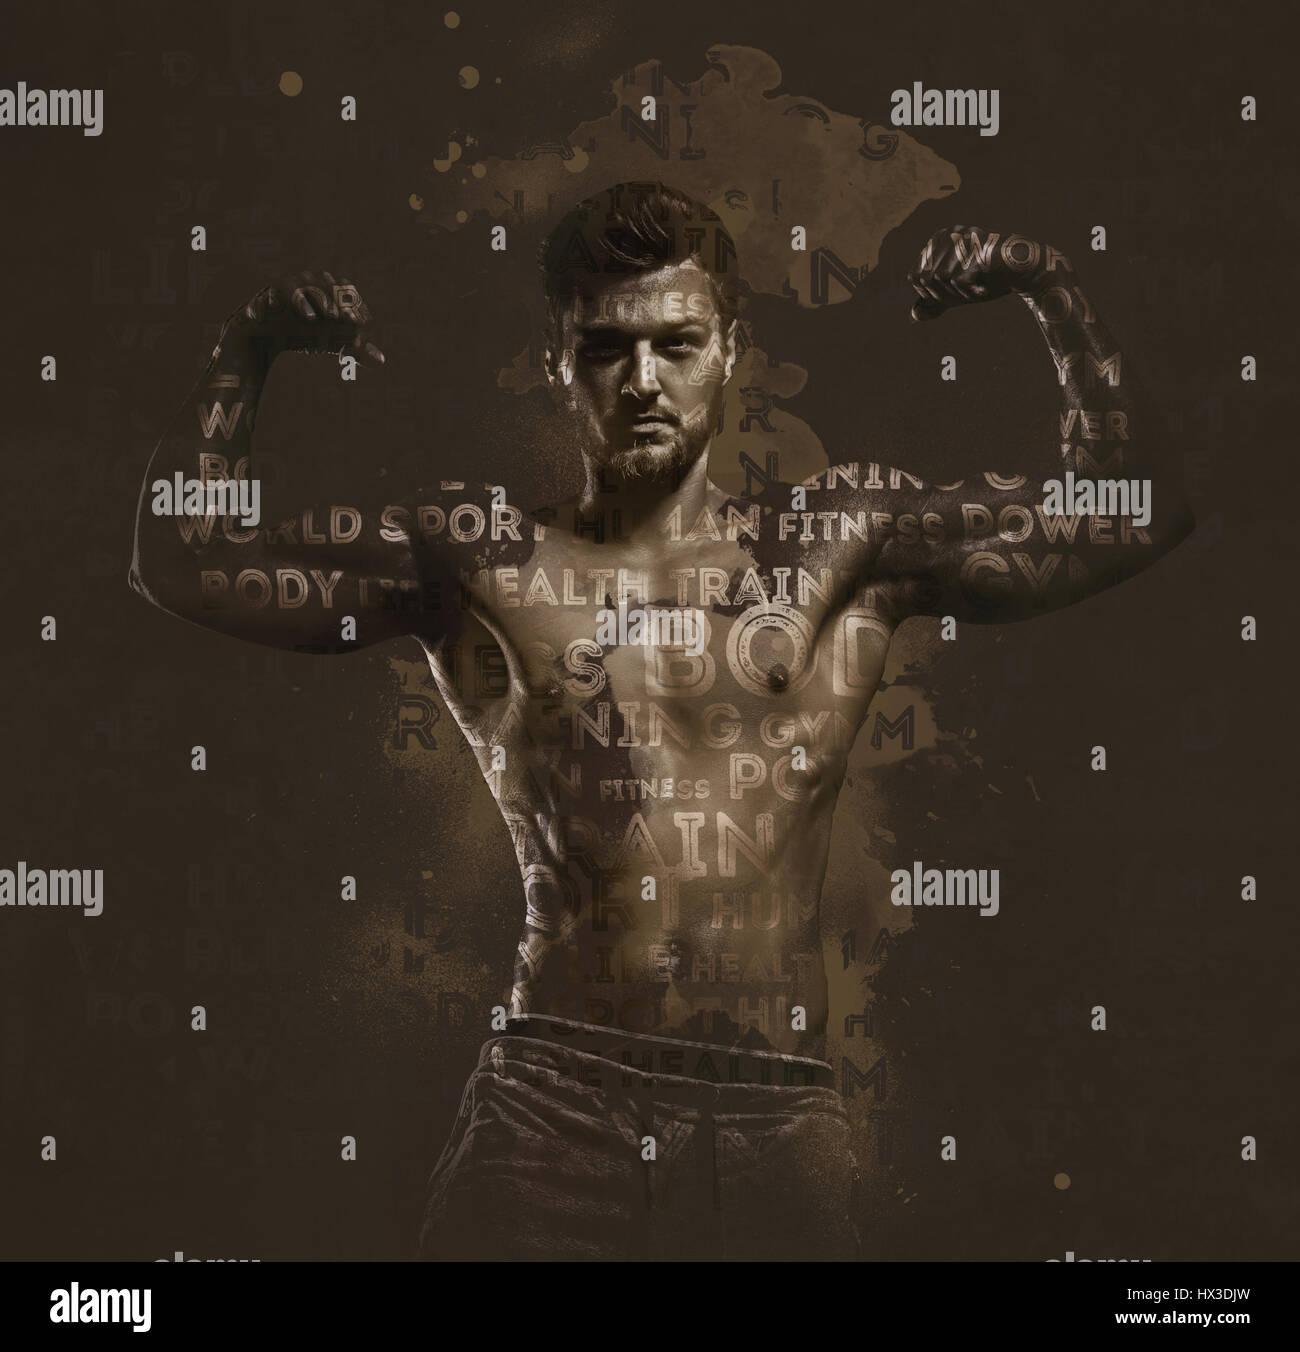 Athletic uomo bello che mostra i muscoli bicipiti. Generati digitalmente immagine. Foto concettuale. Immagini Stock